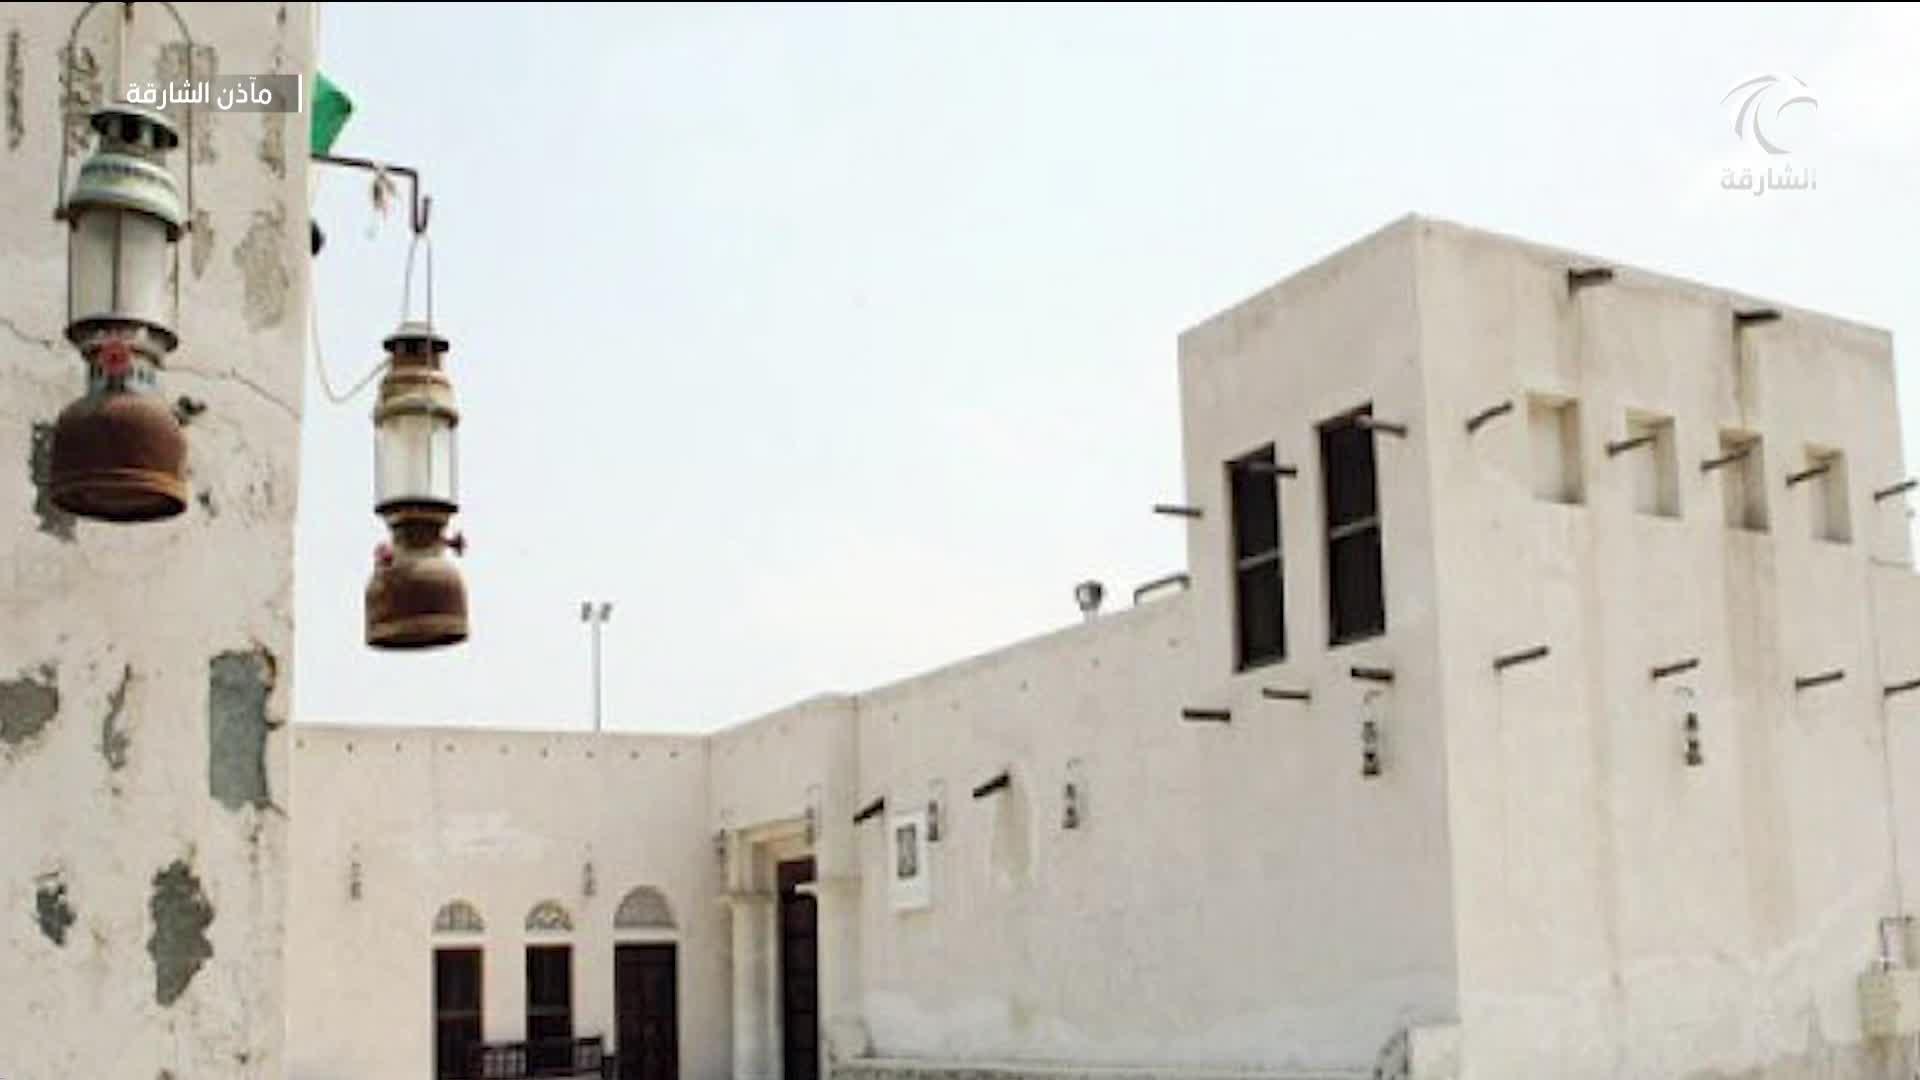 مسجد الشيخ سعيد بن حمد القاسمي